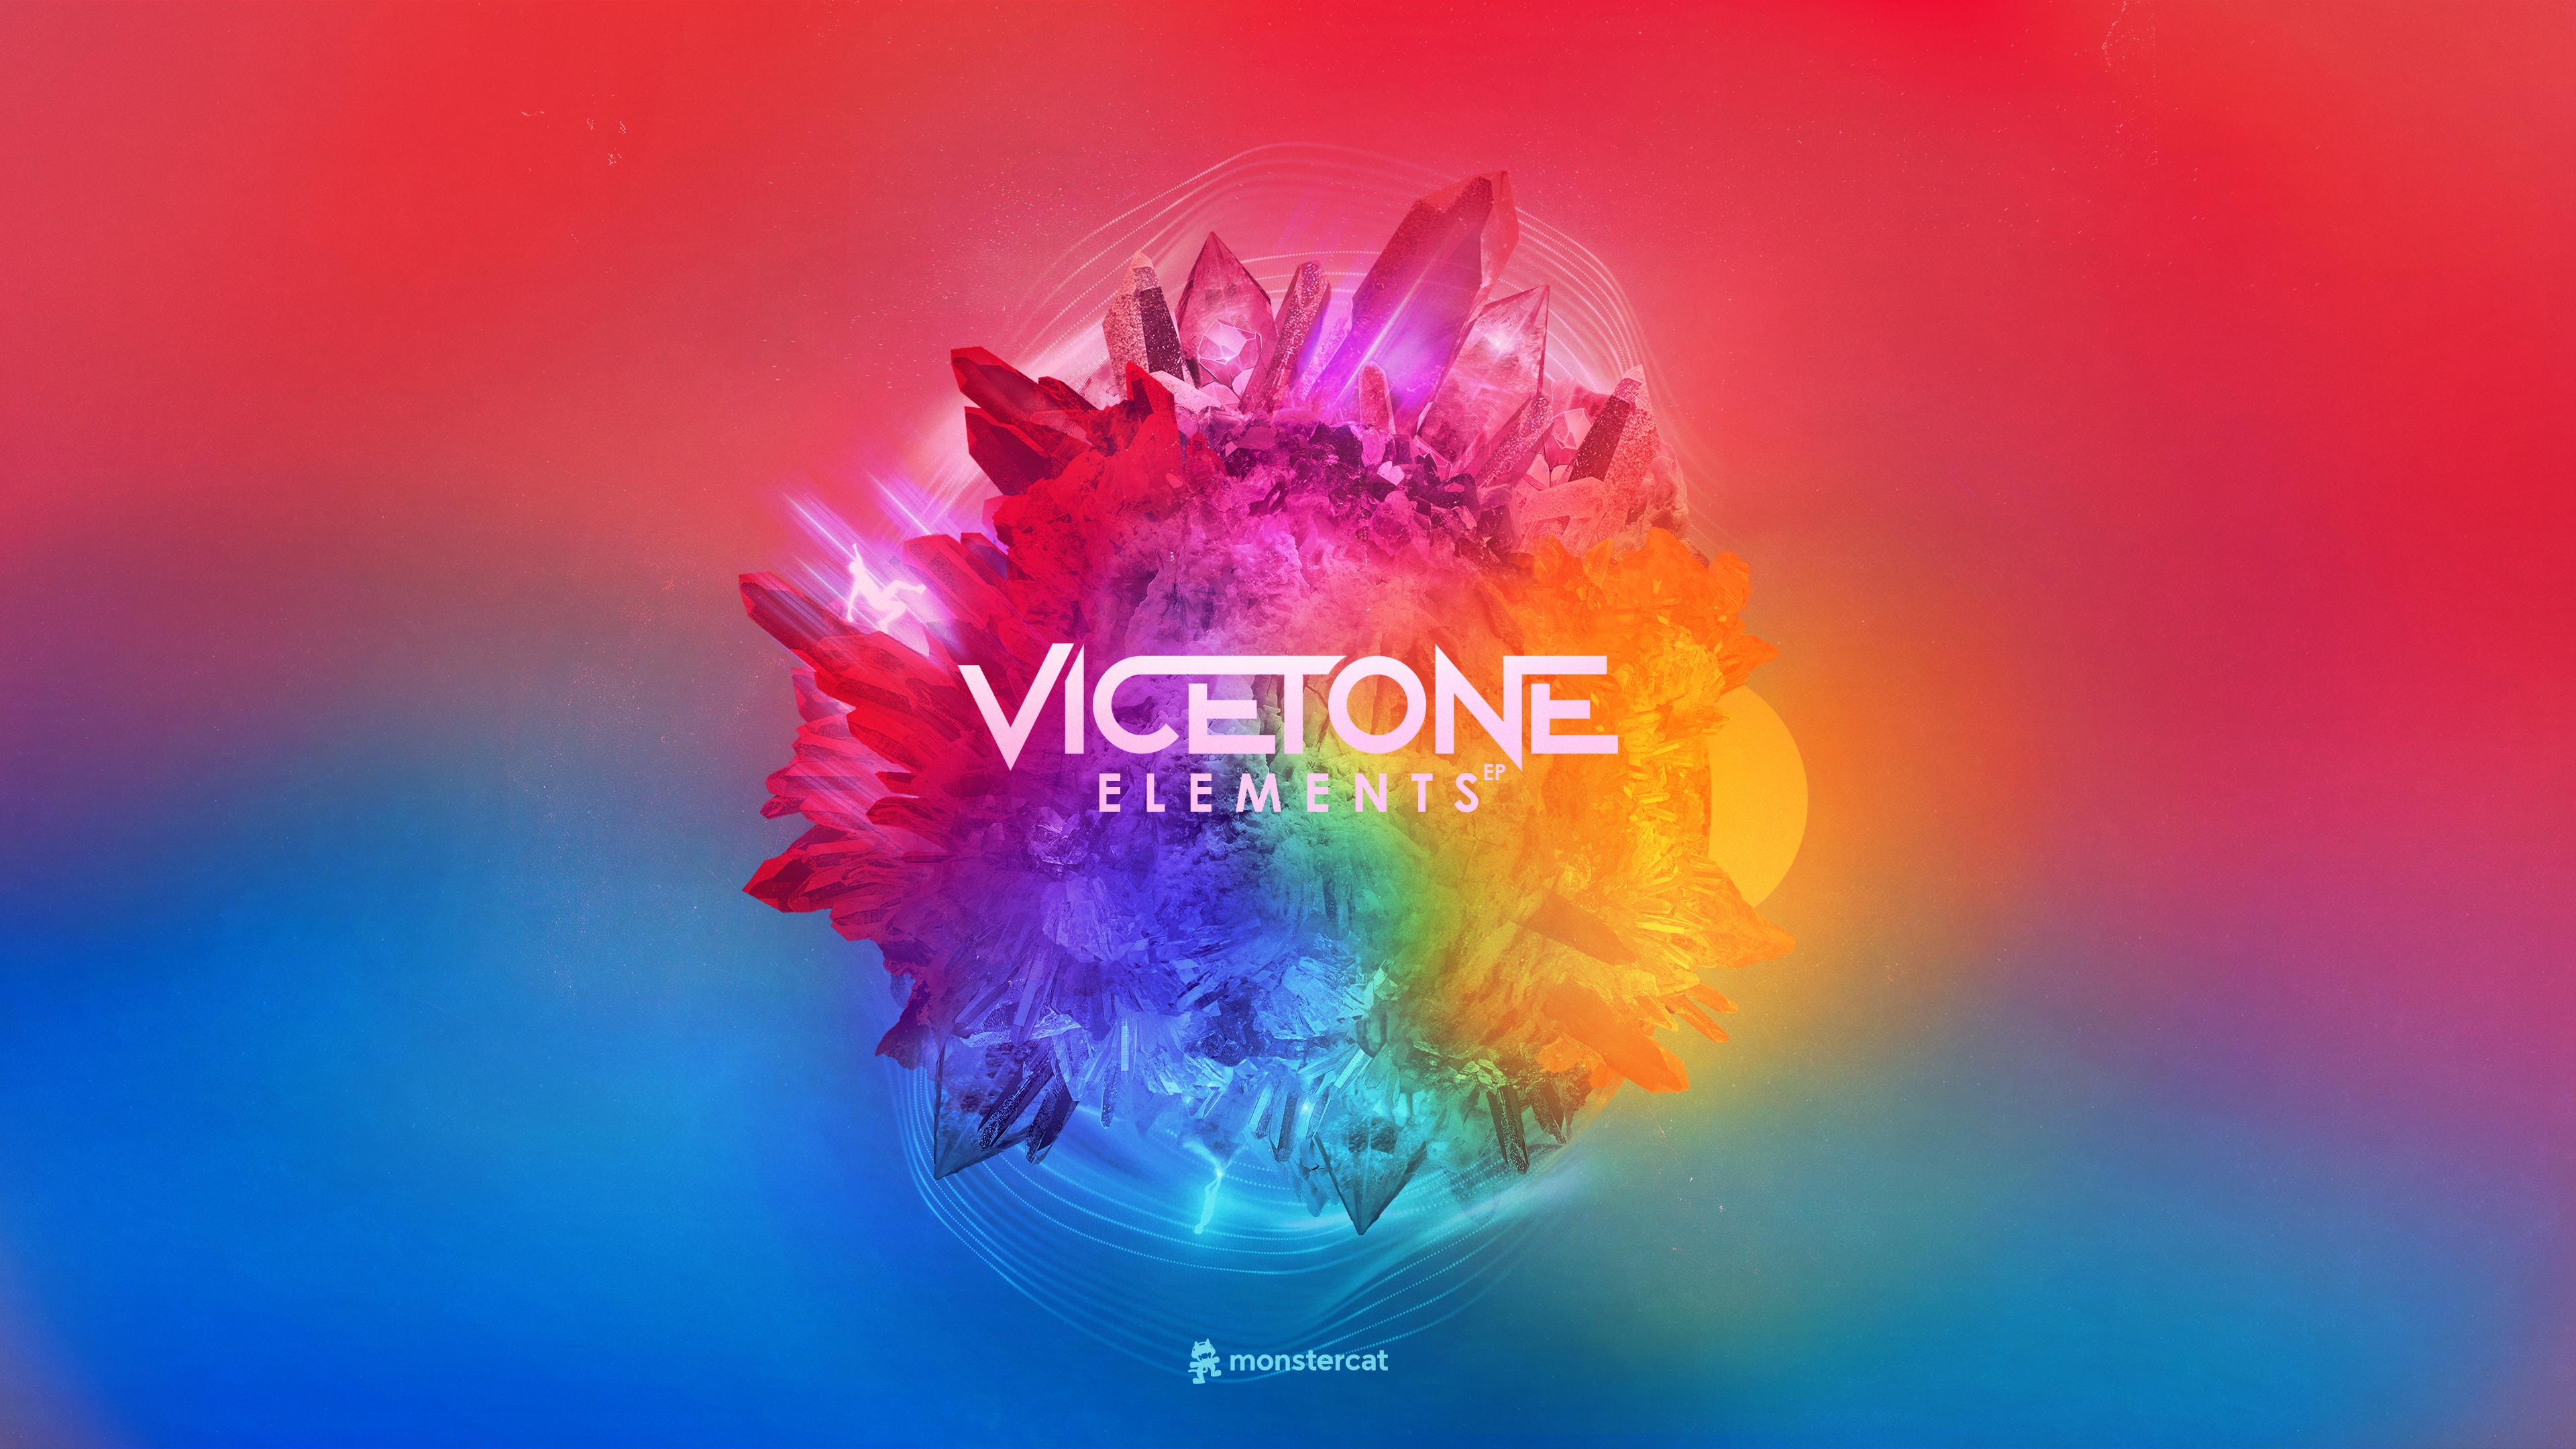 Wallpaper : vicetone, Monstercat, music, EDM, Avicii, house